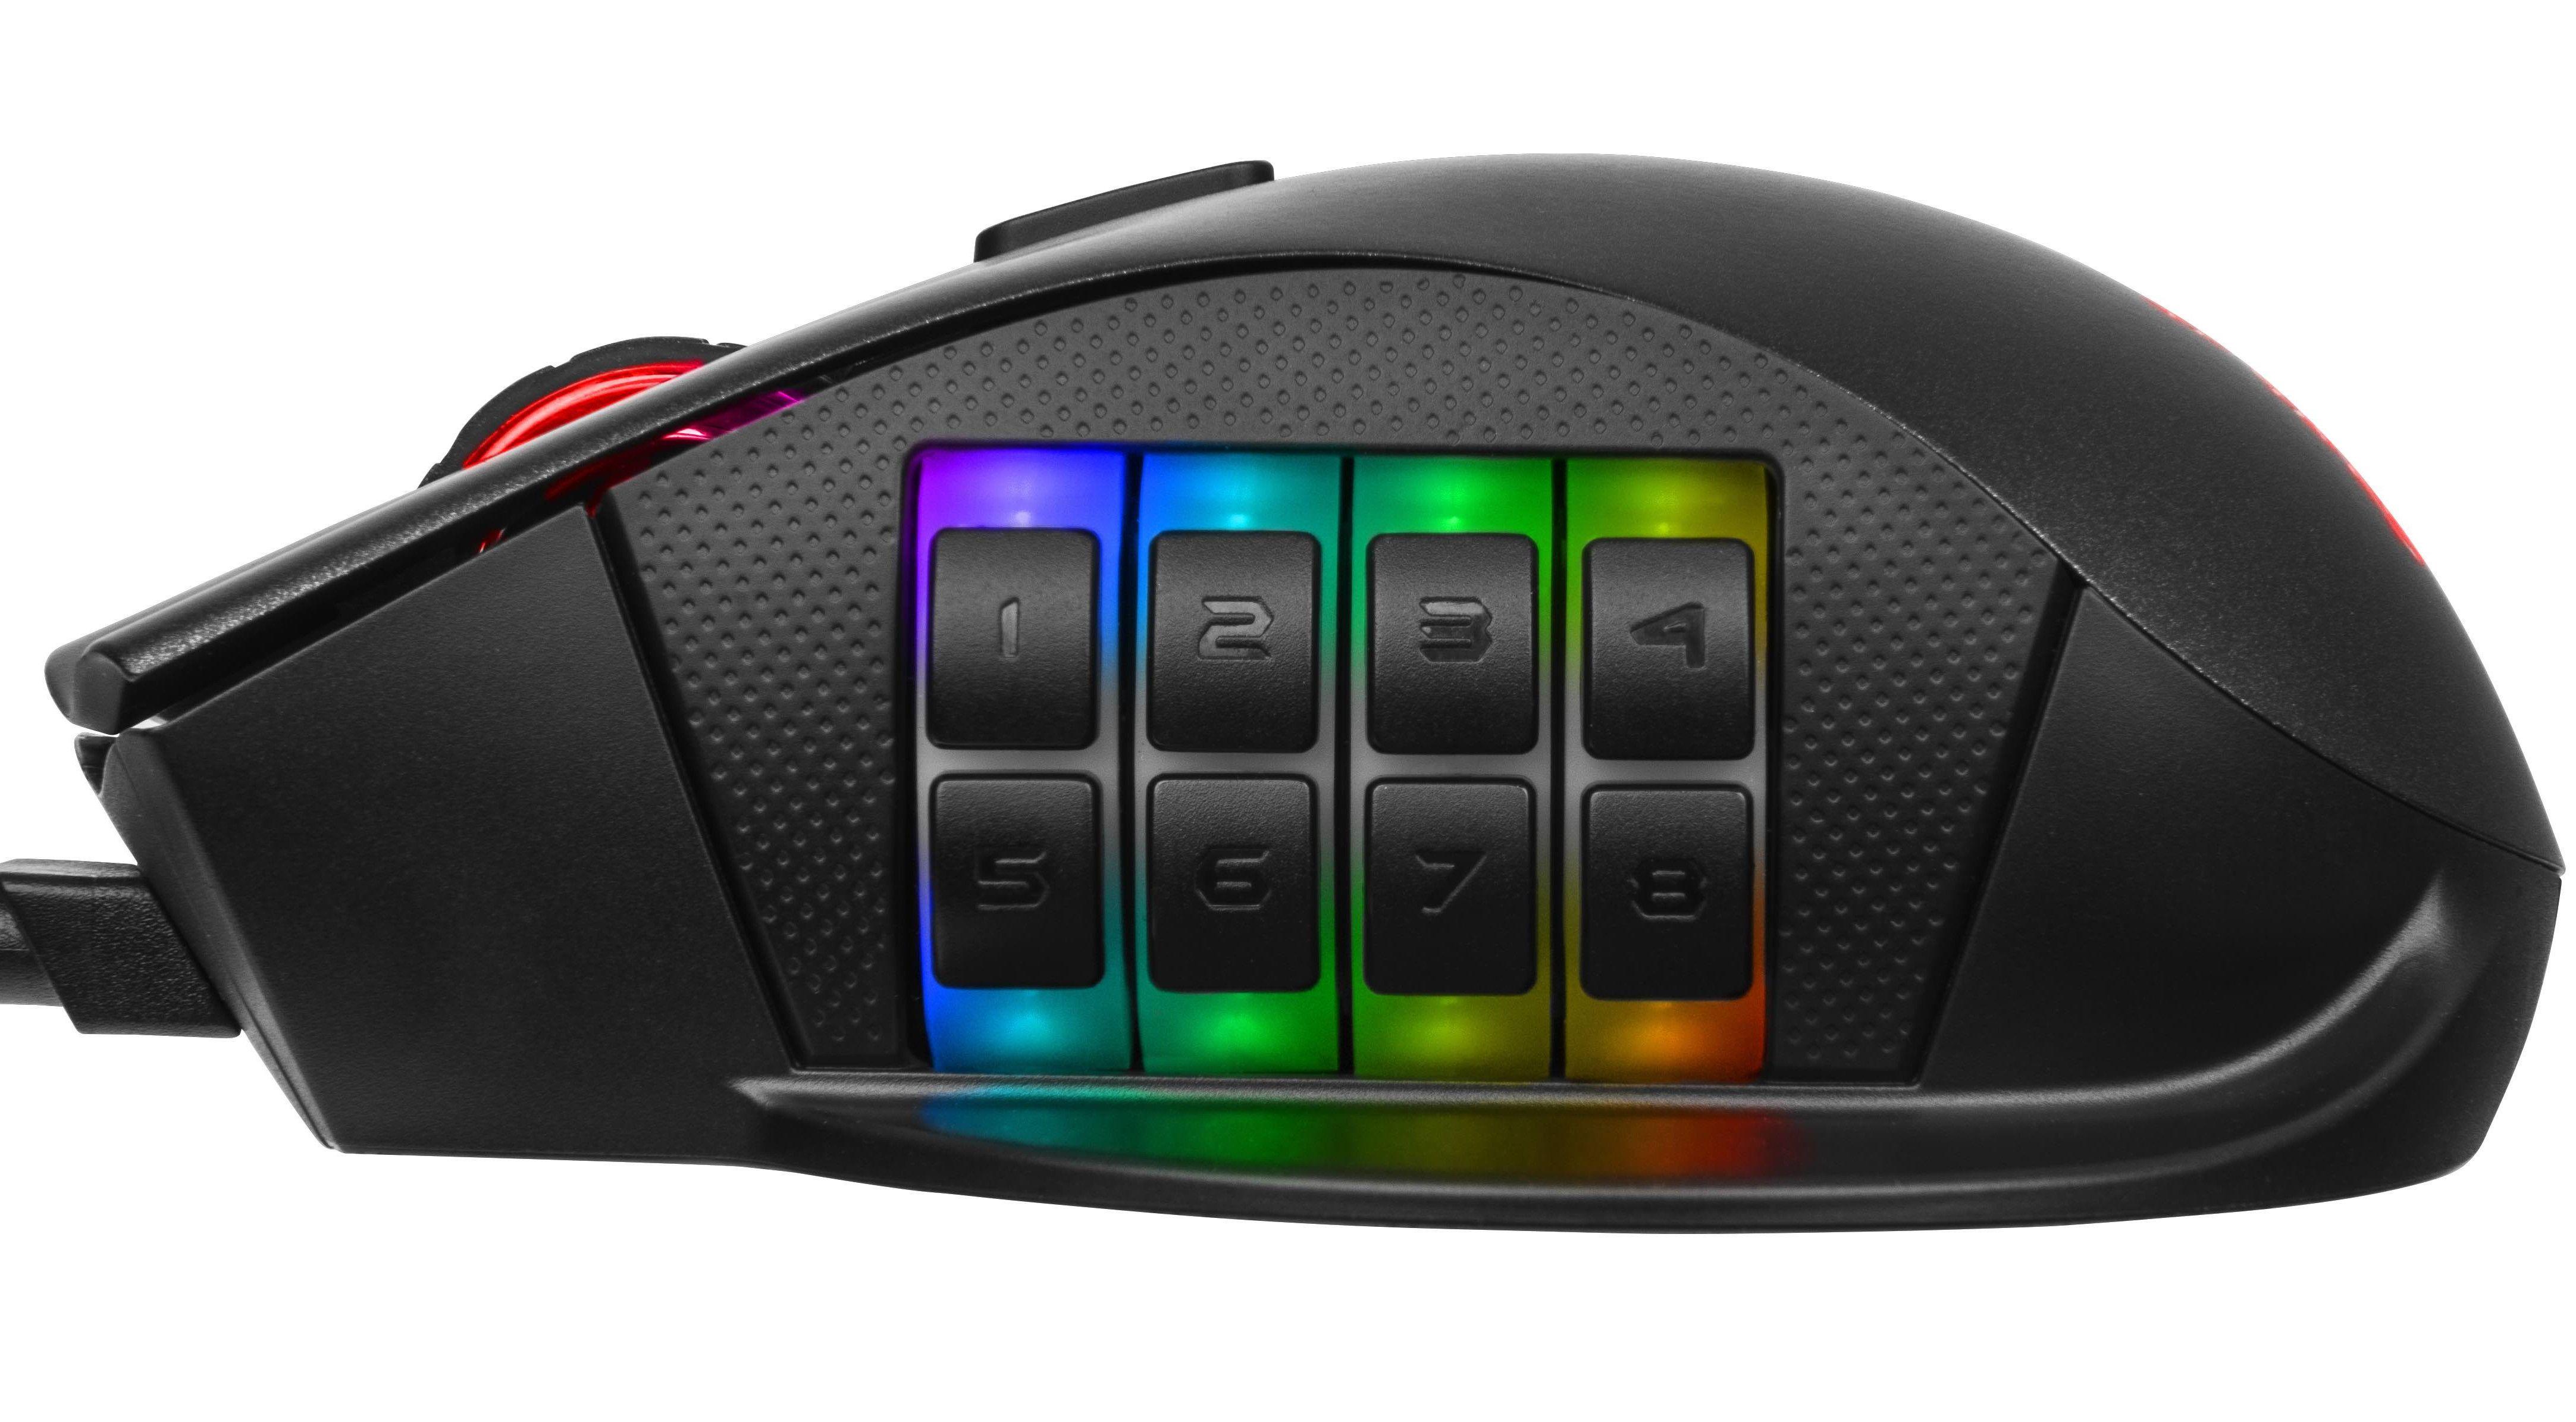 Tt eSports anuncia su nuevo ratón Nemesis específico para MOBA y MMO